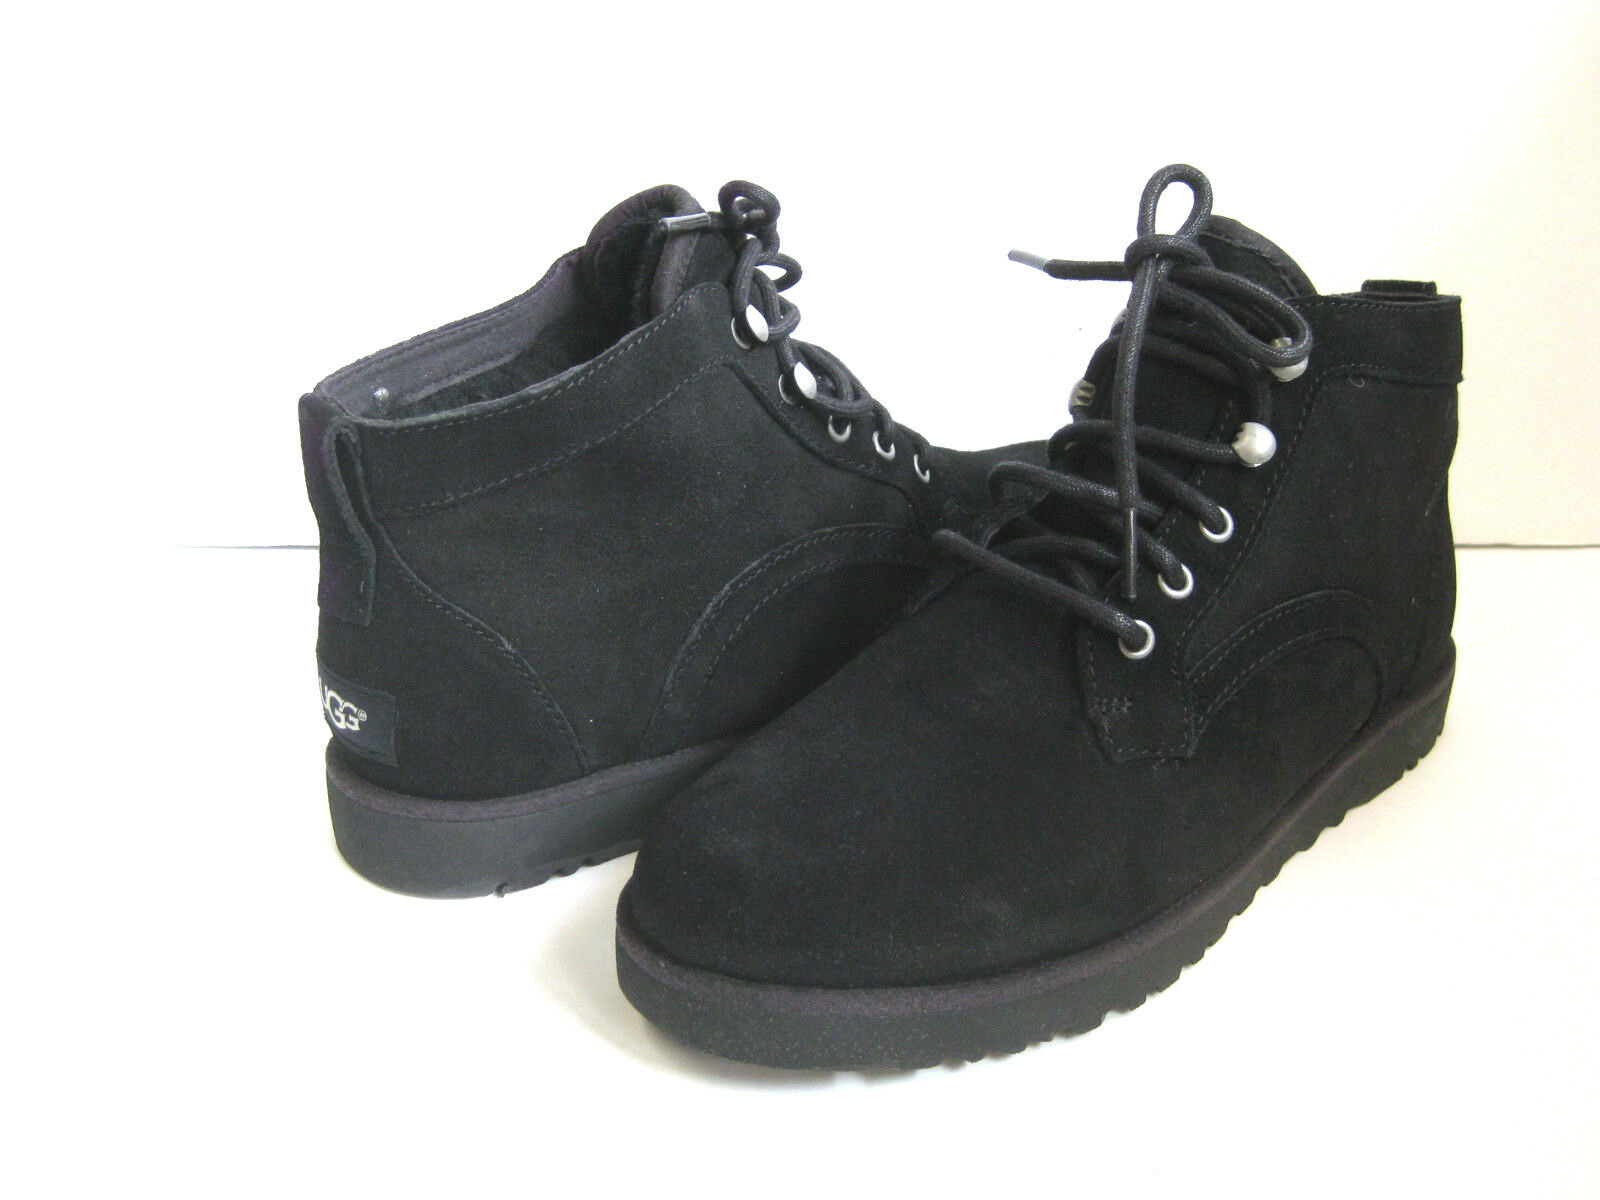 UGG BETHANY WOMEN ANKLE BOOT SUEDE SCHWARZ US 12 / UK 10.5 / EU 43